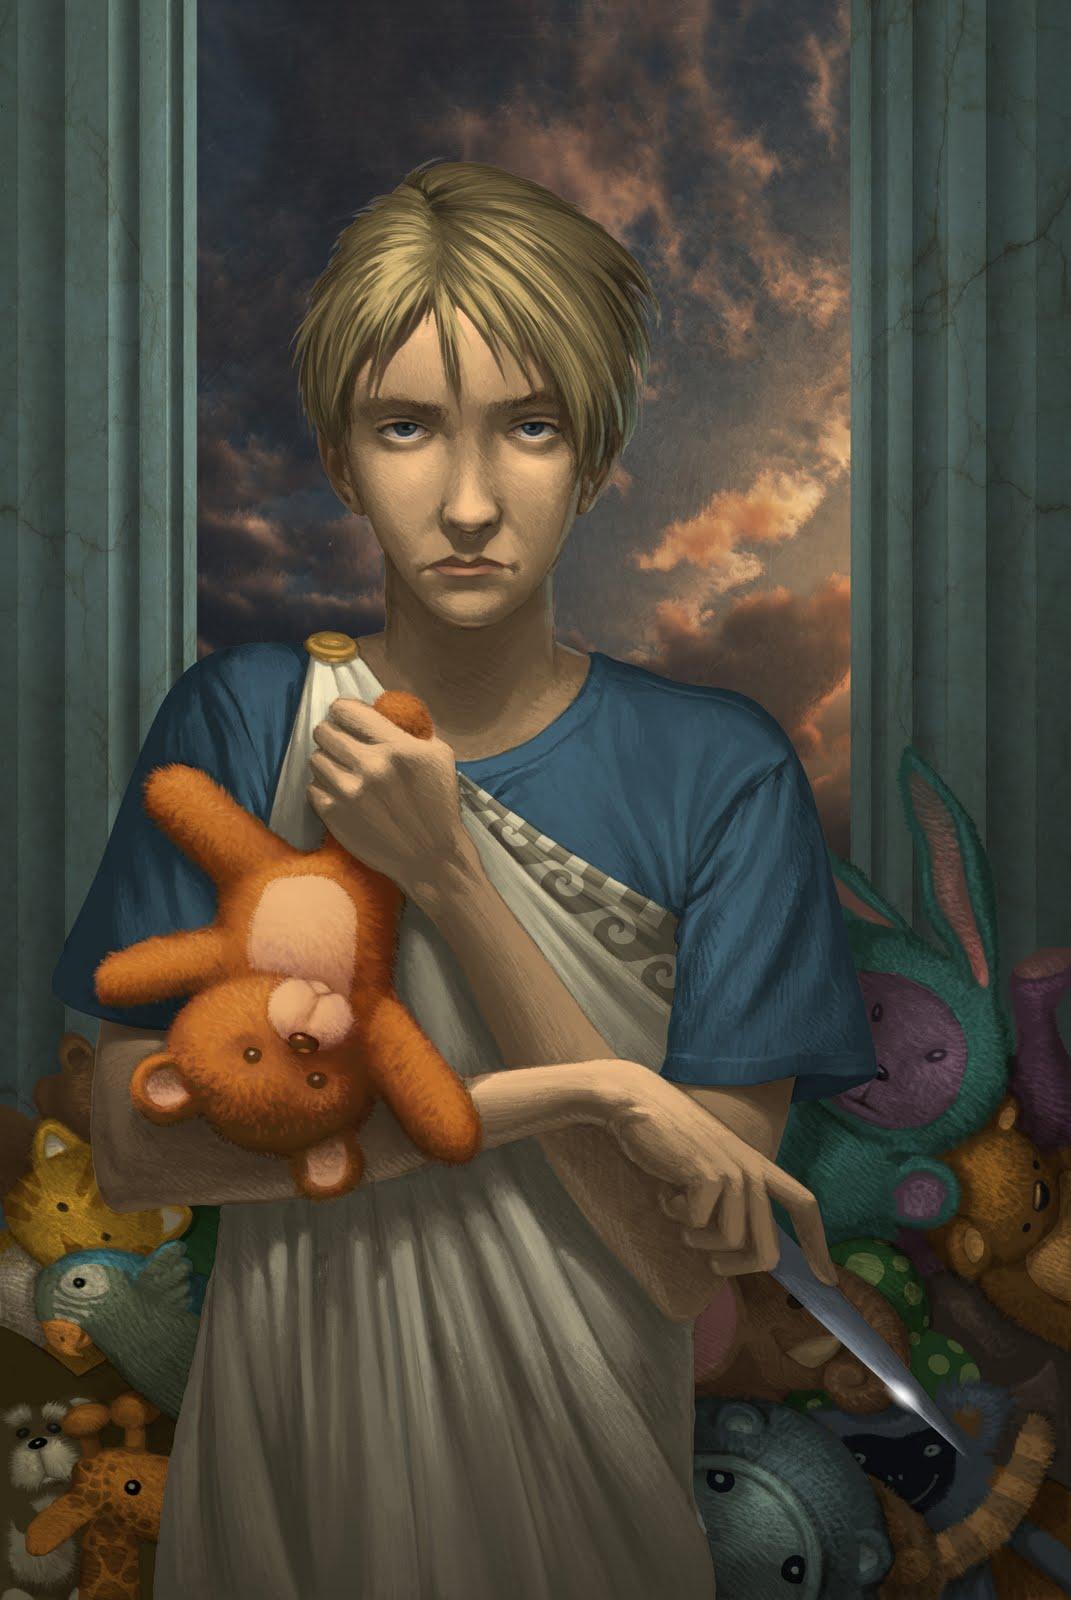 Octavian From Percy Jackson